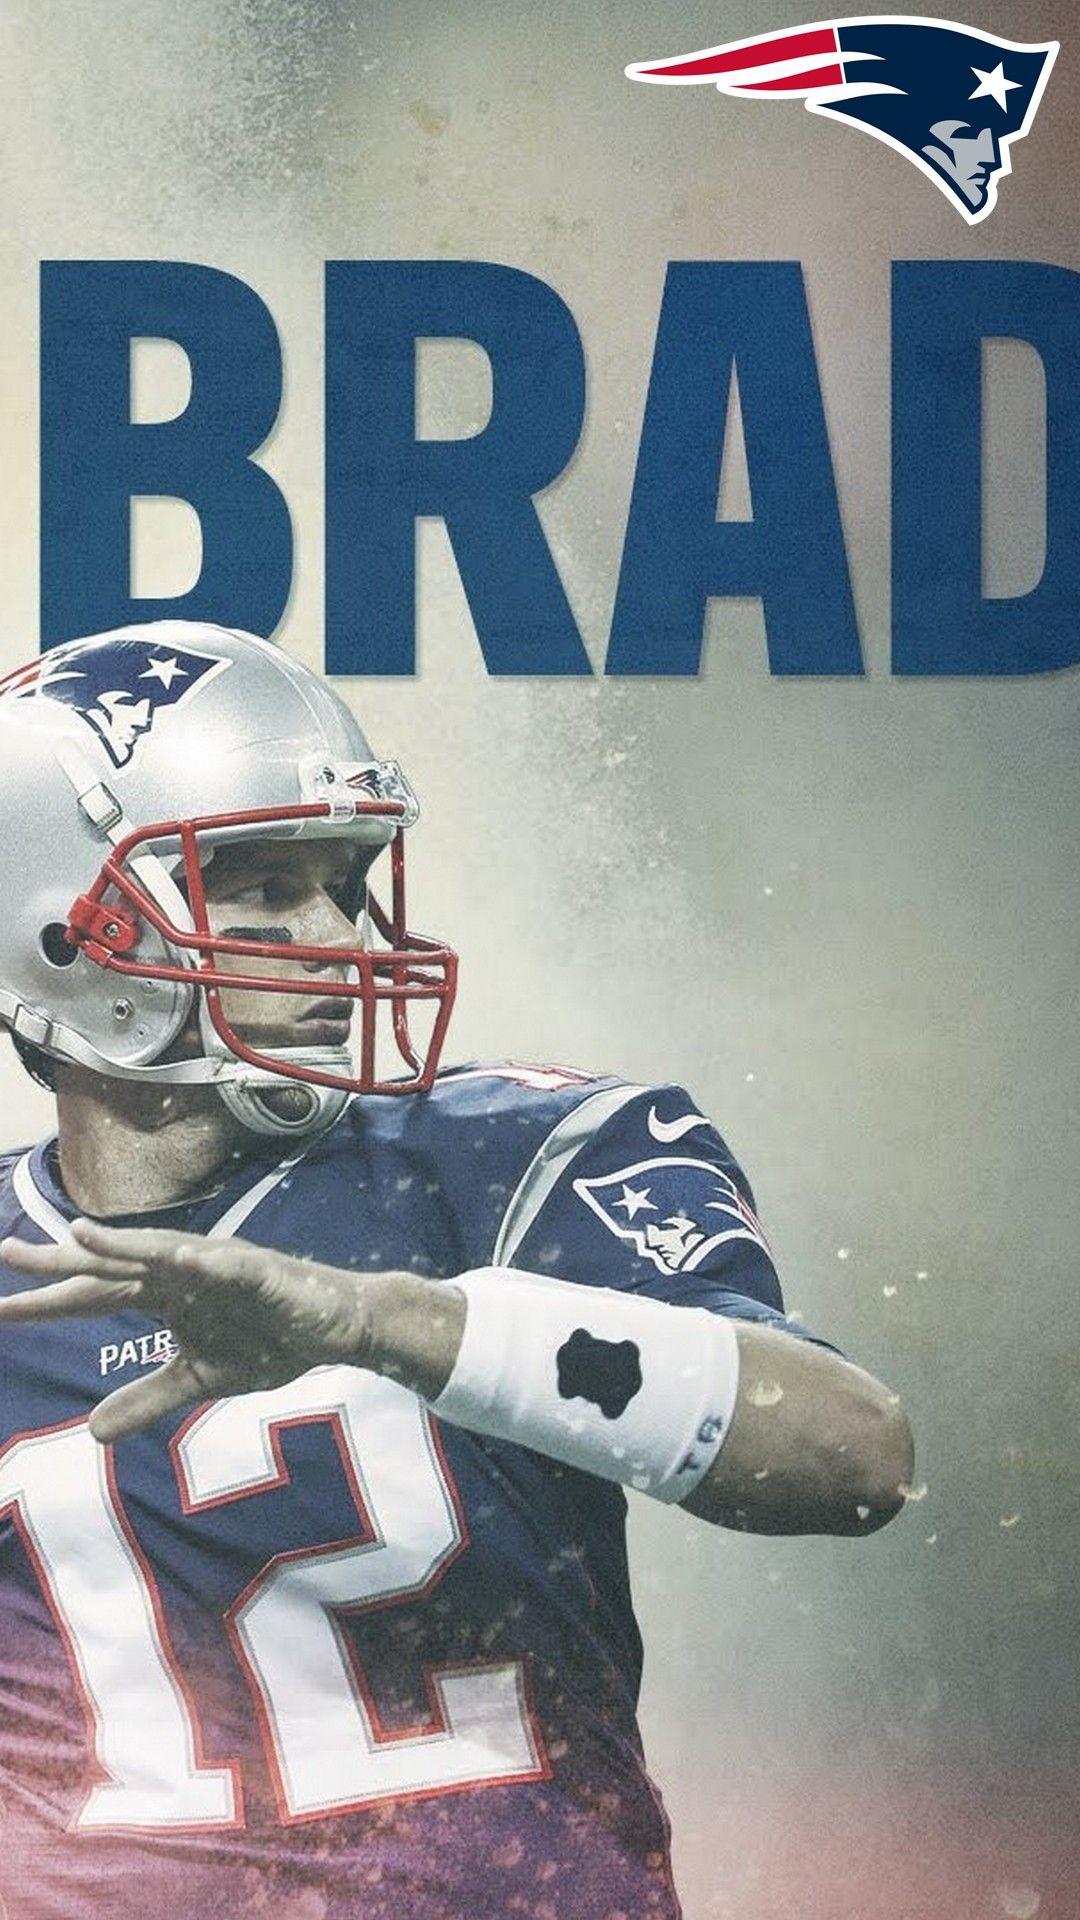 Iphone Wallpaper Hd Tom Brady Patriots 2021 Nfl Football Wallpapers Tom Brady Patriots Nfl Football Wallpaper Football Wallpaper